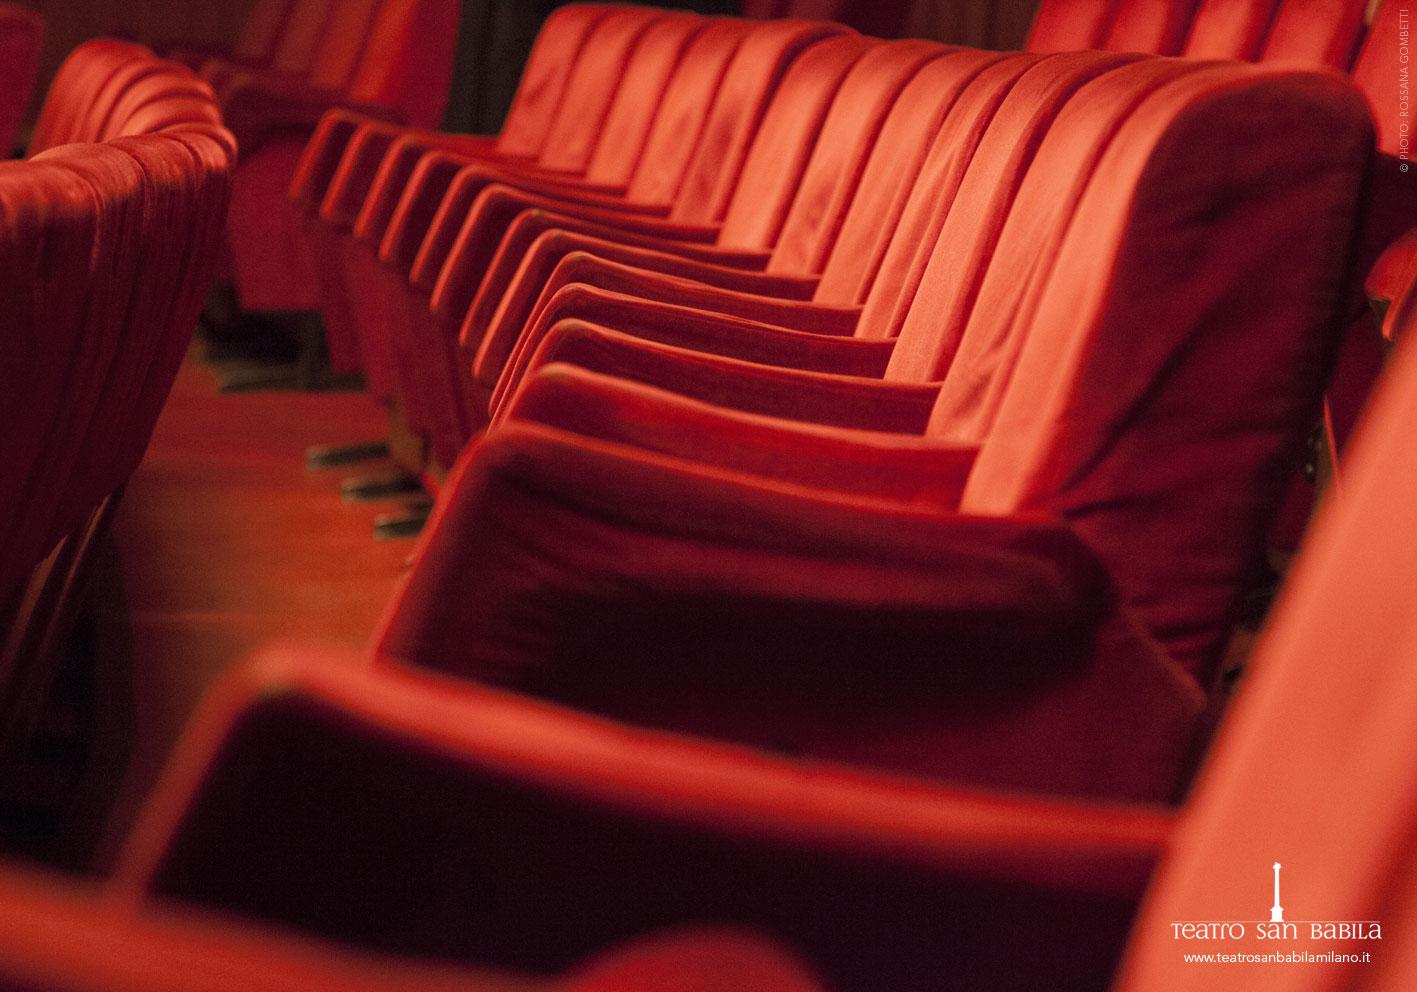 foto-teatro-san-babila-interno